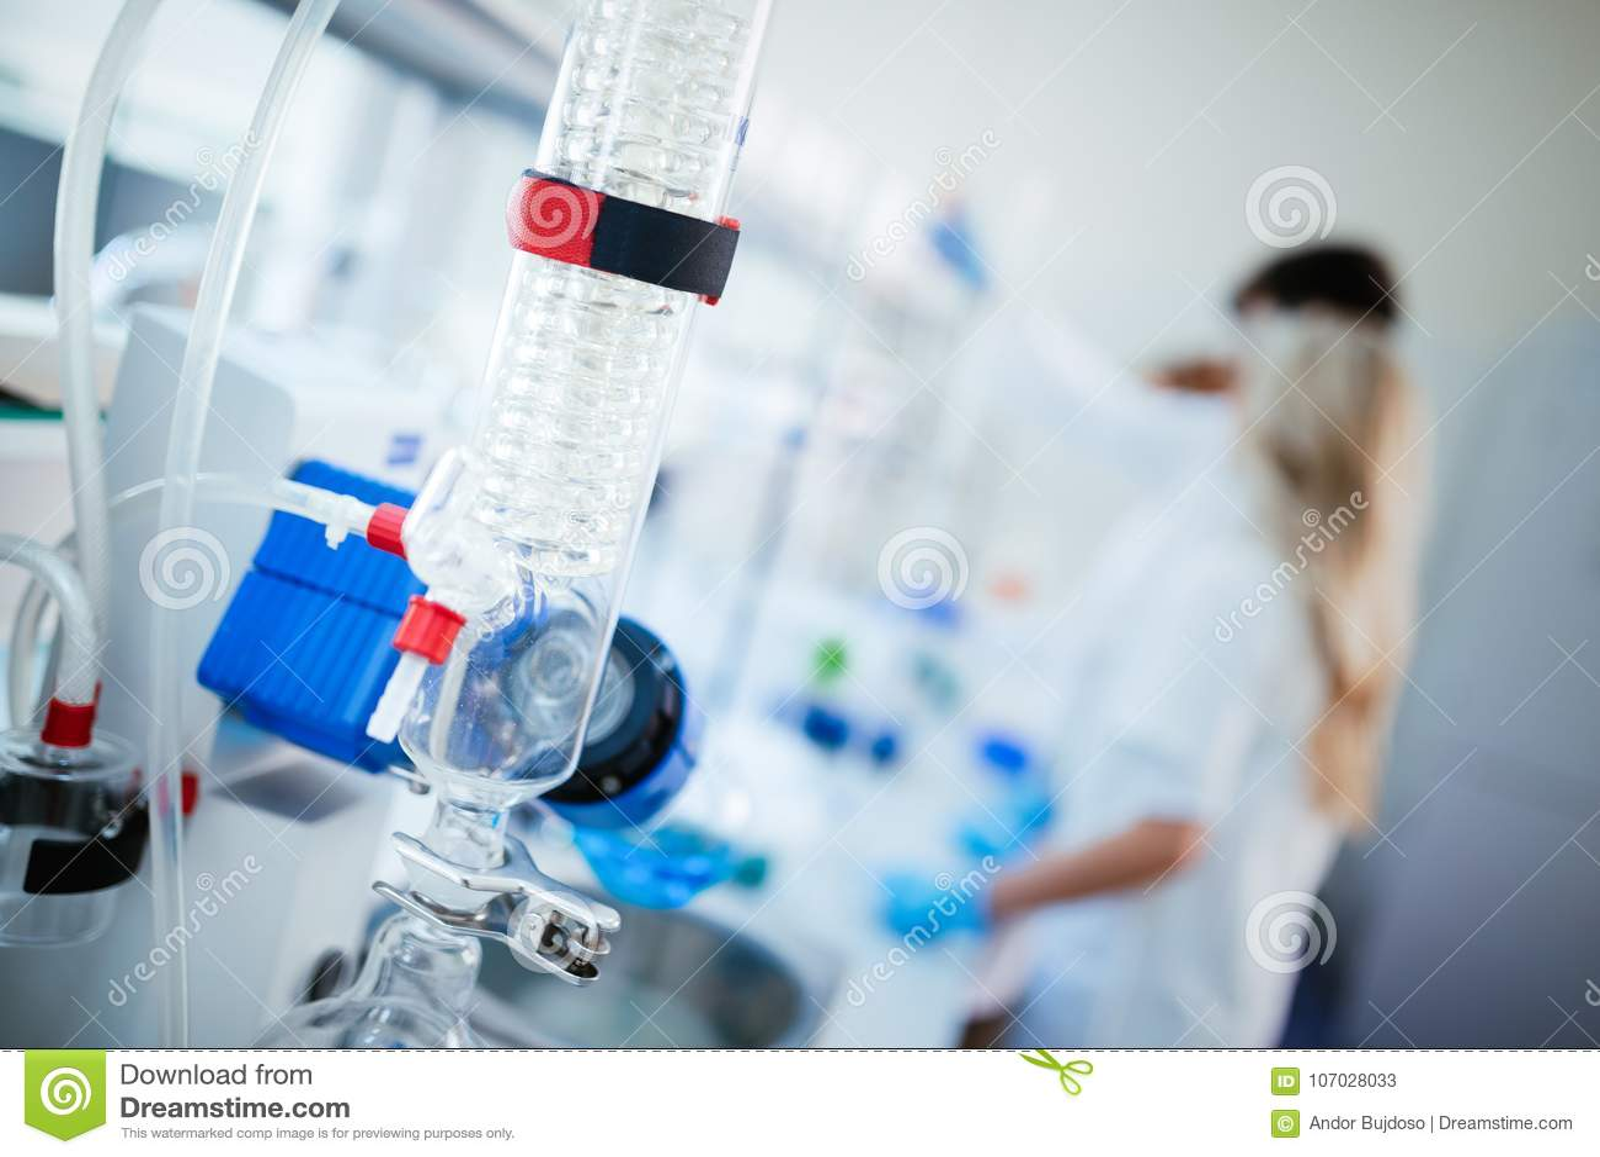 Technologie de développement, de médecine, de pharmacie, de biologie, de biochimie et de recherches de chimie